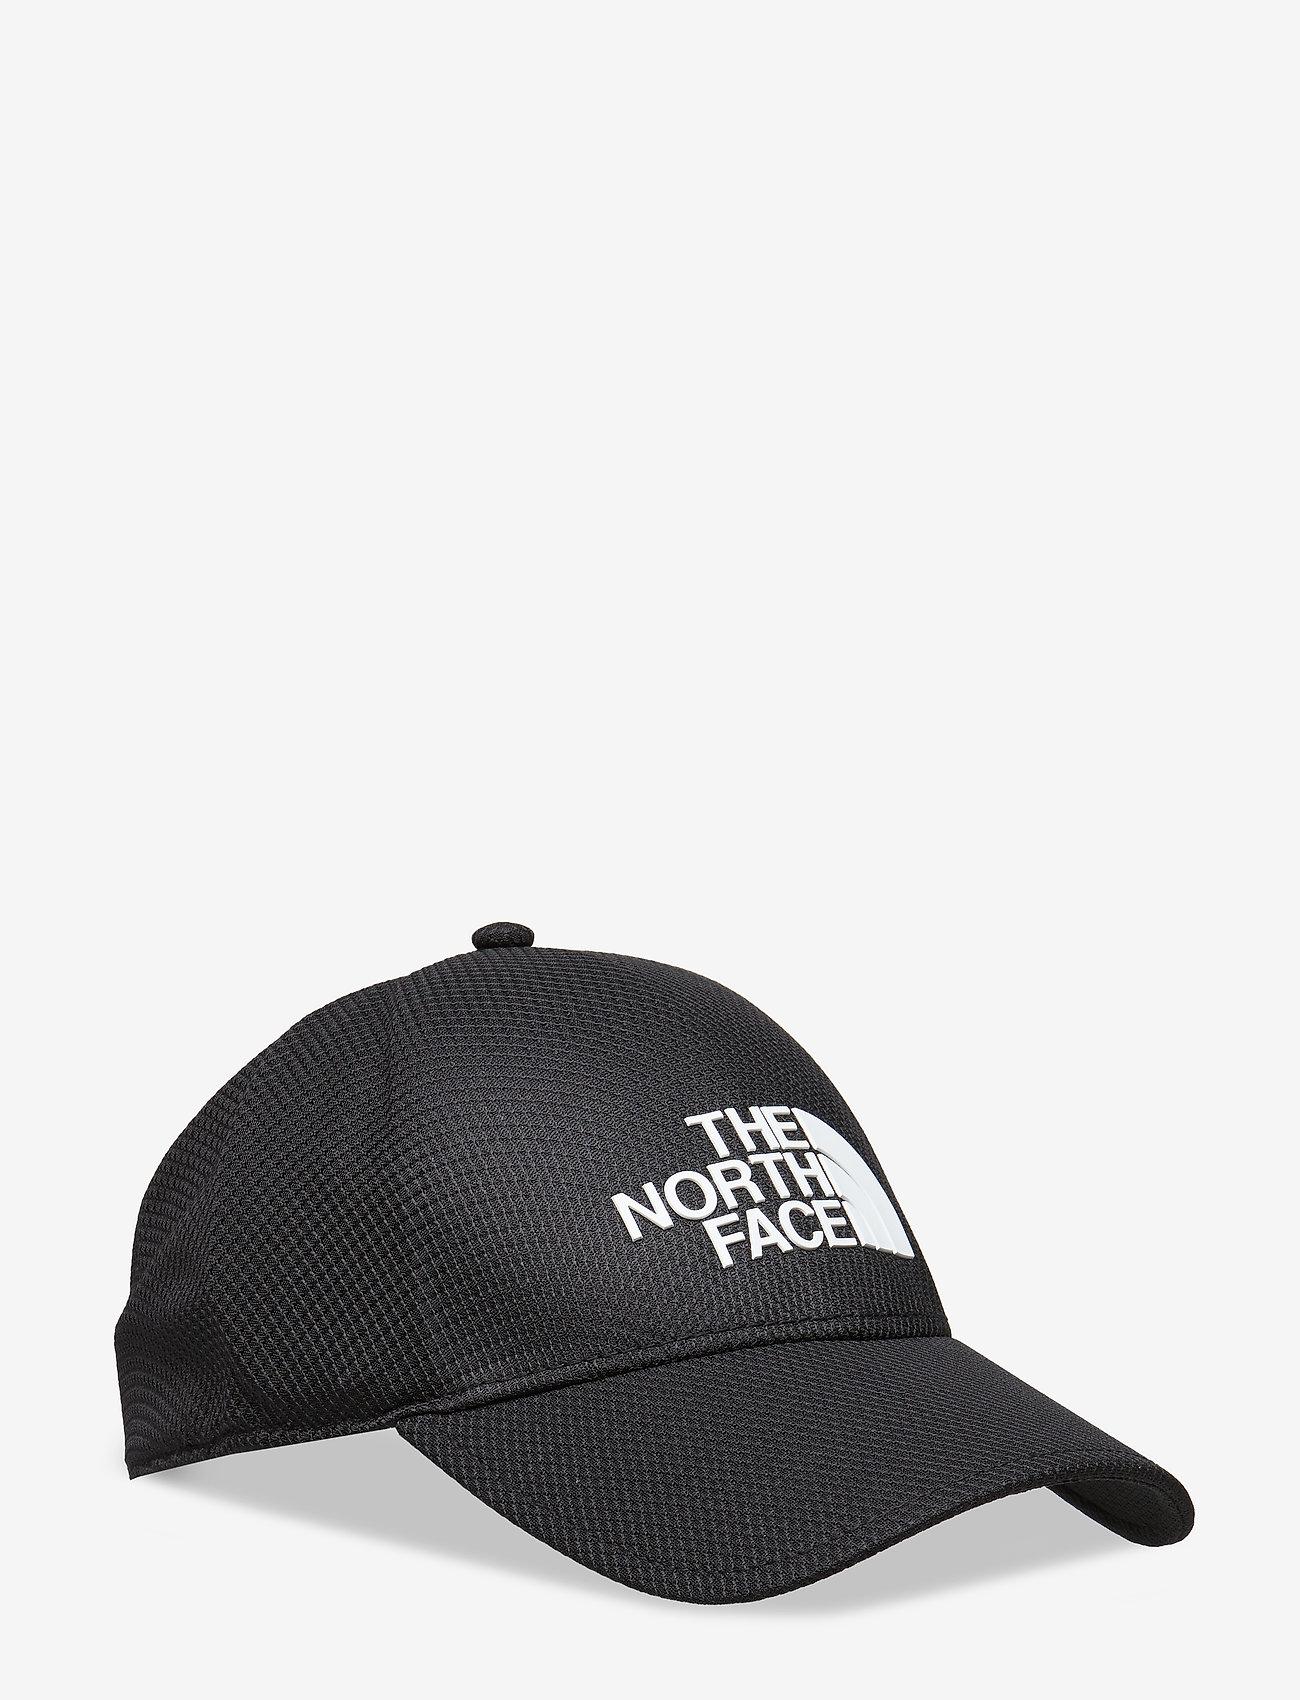 The North Face - TNF 1 TOUCH LITE CAP - caps - tnfblack/tnfwht